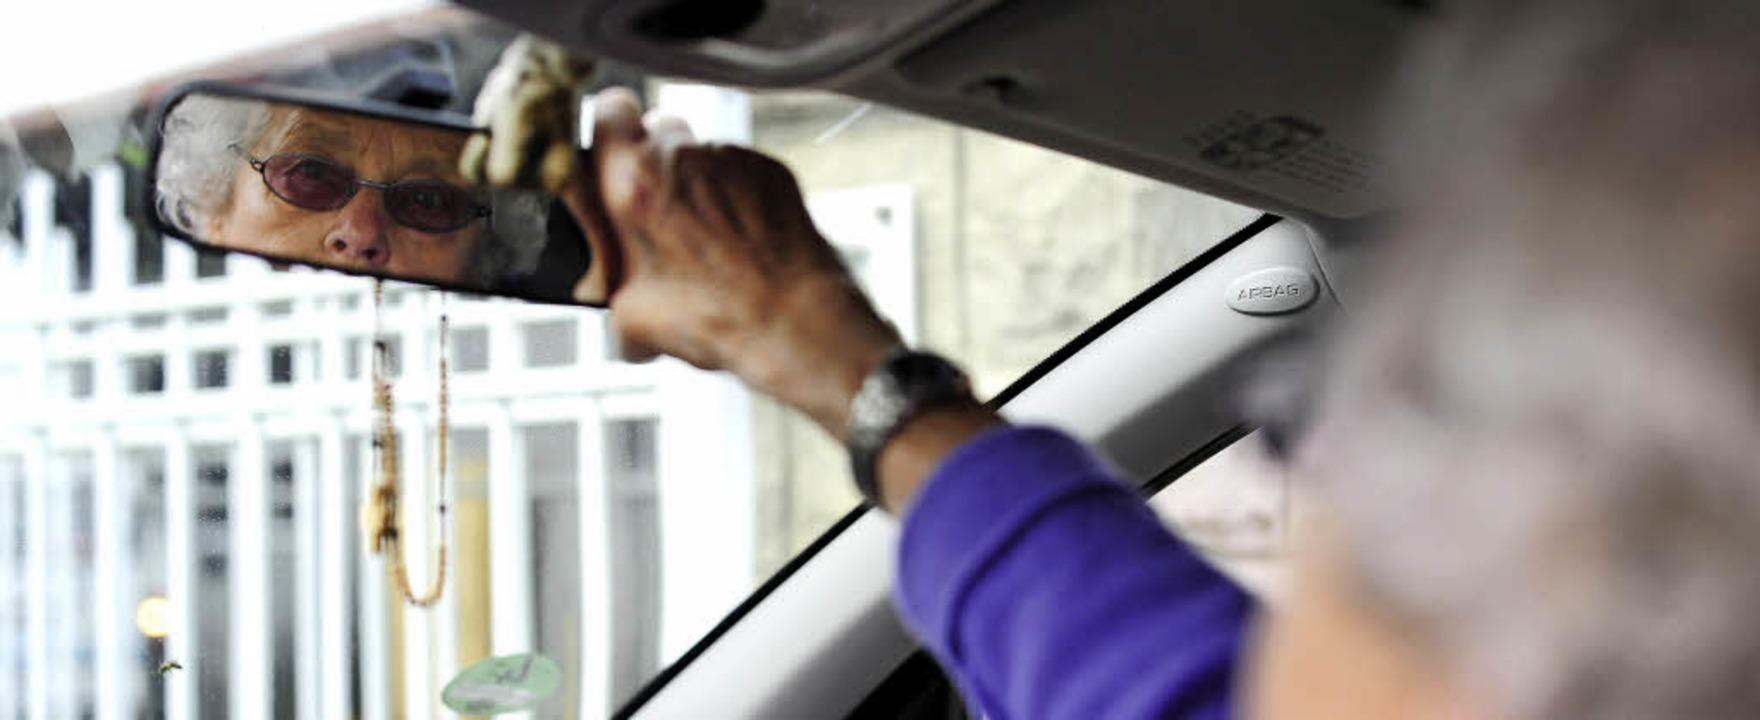 Autofahren im Alter? In einem Vortrag ...ch die Polizei mit Sicherheitsfragen.   | Foto: Privat/dpa